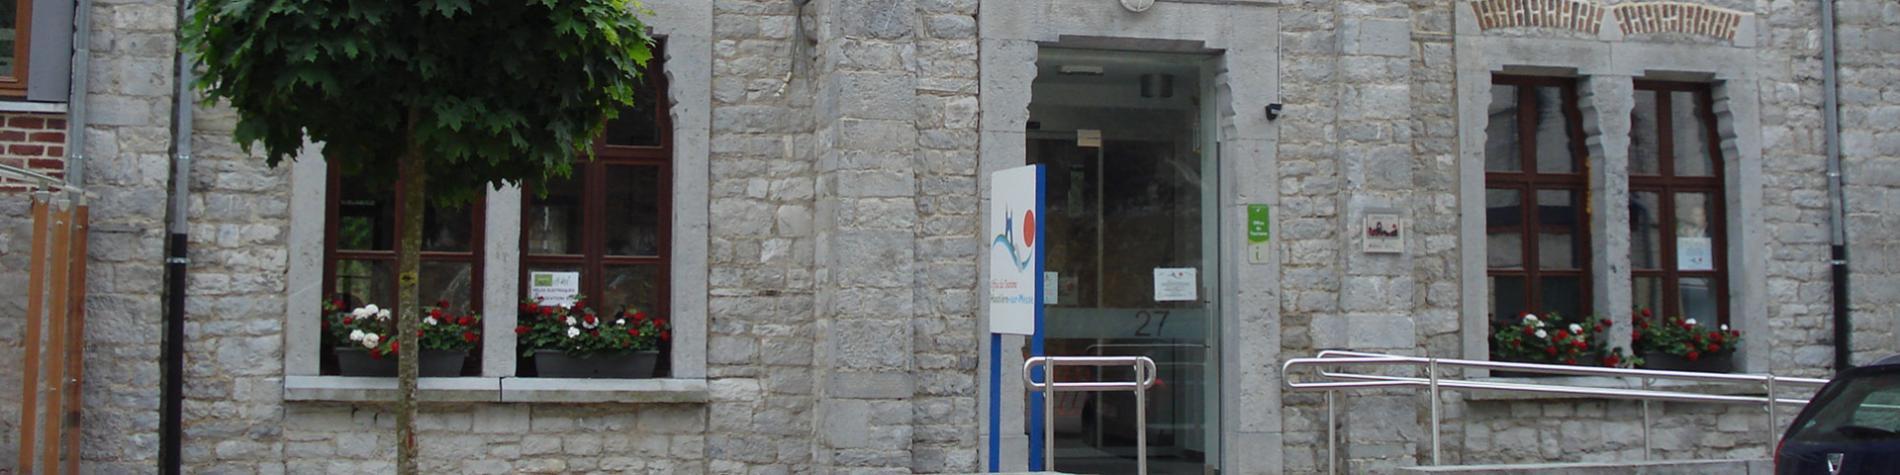 Office du Tourisme - Hastière-Sur-Meuse - bâtiment-